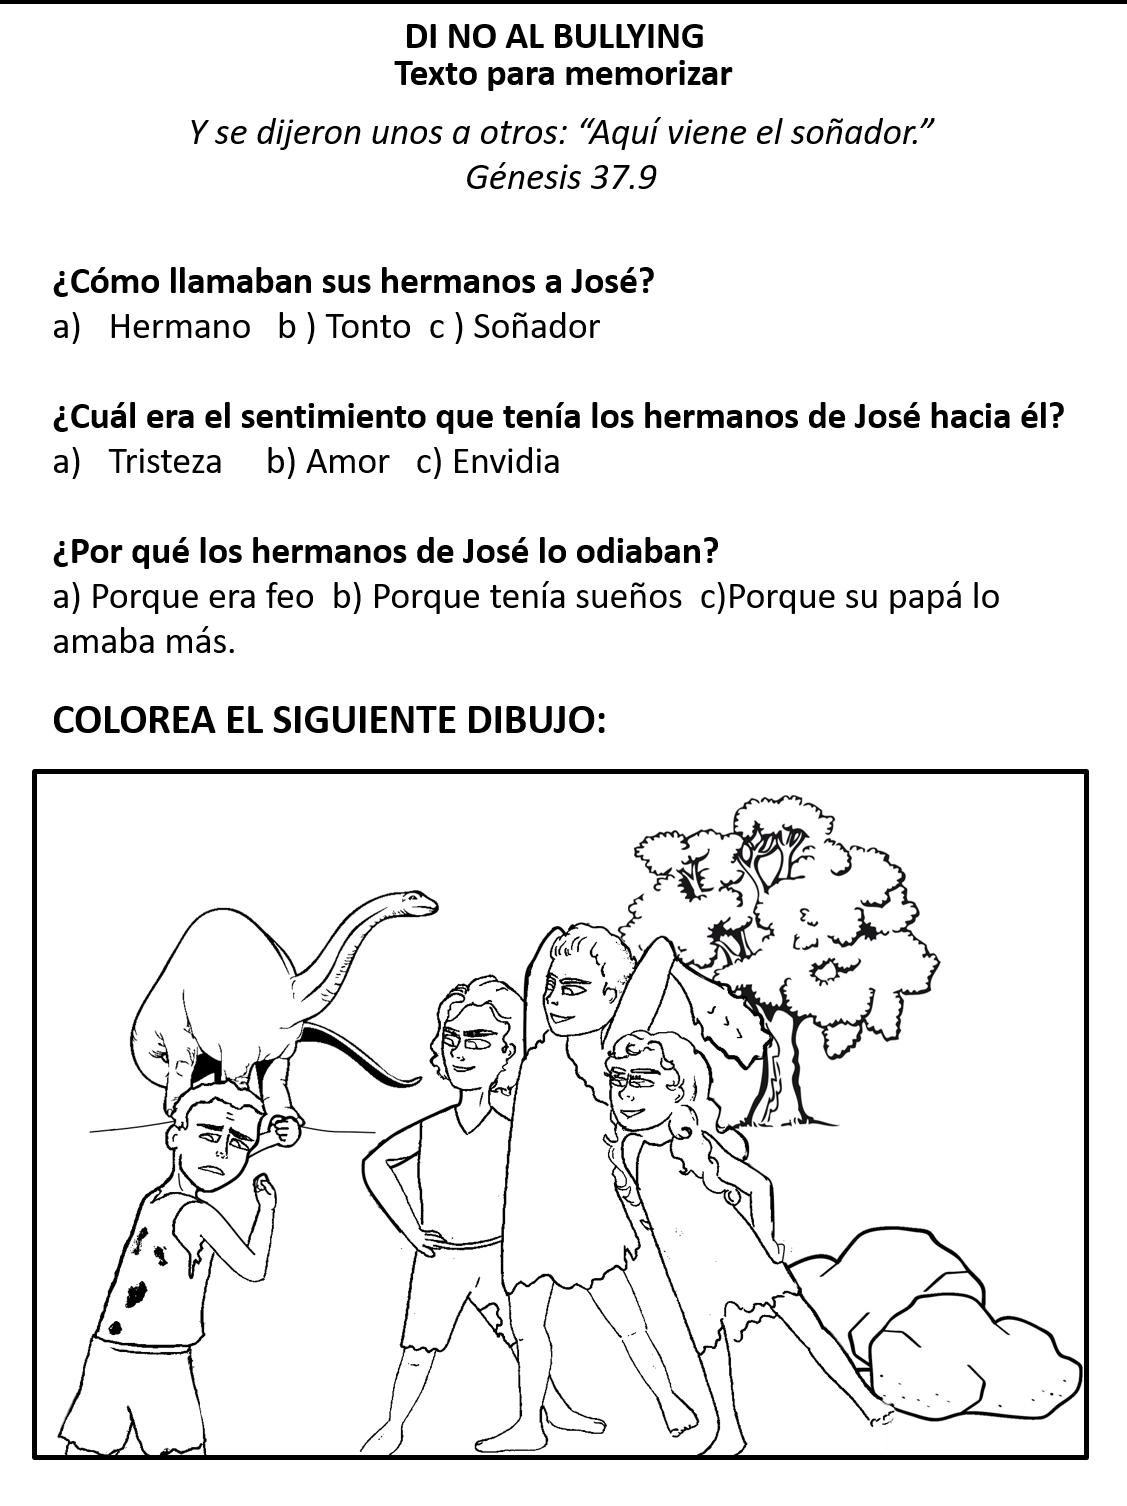 Imagenes Para Colorear De Ninos Haciendo Bullying Dibujos Para